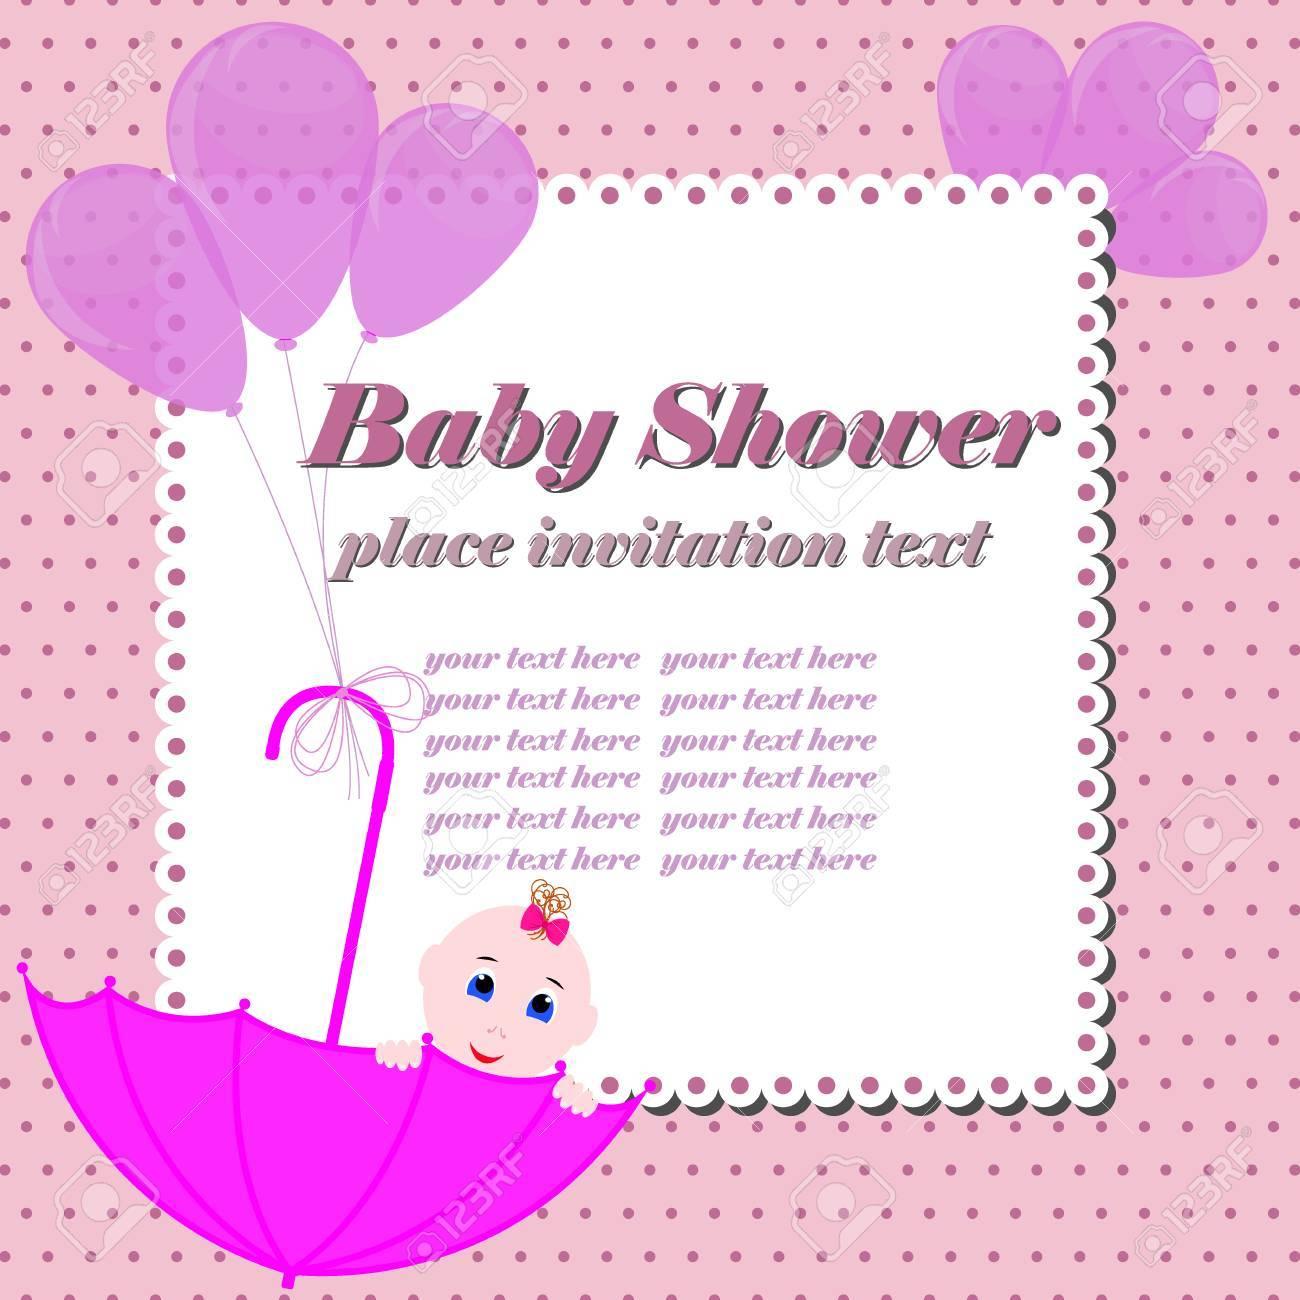 Tarjeta De Invitación De Baby Shower Linda Chica Sentada En El